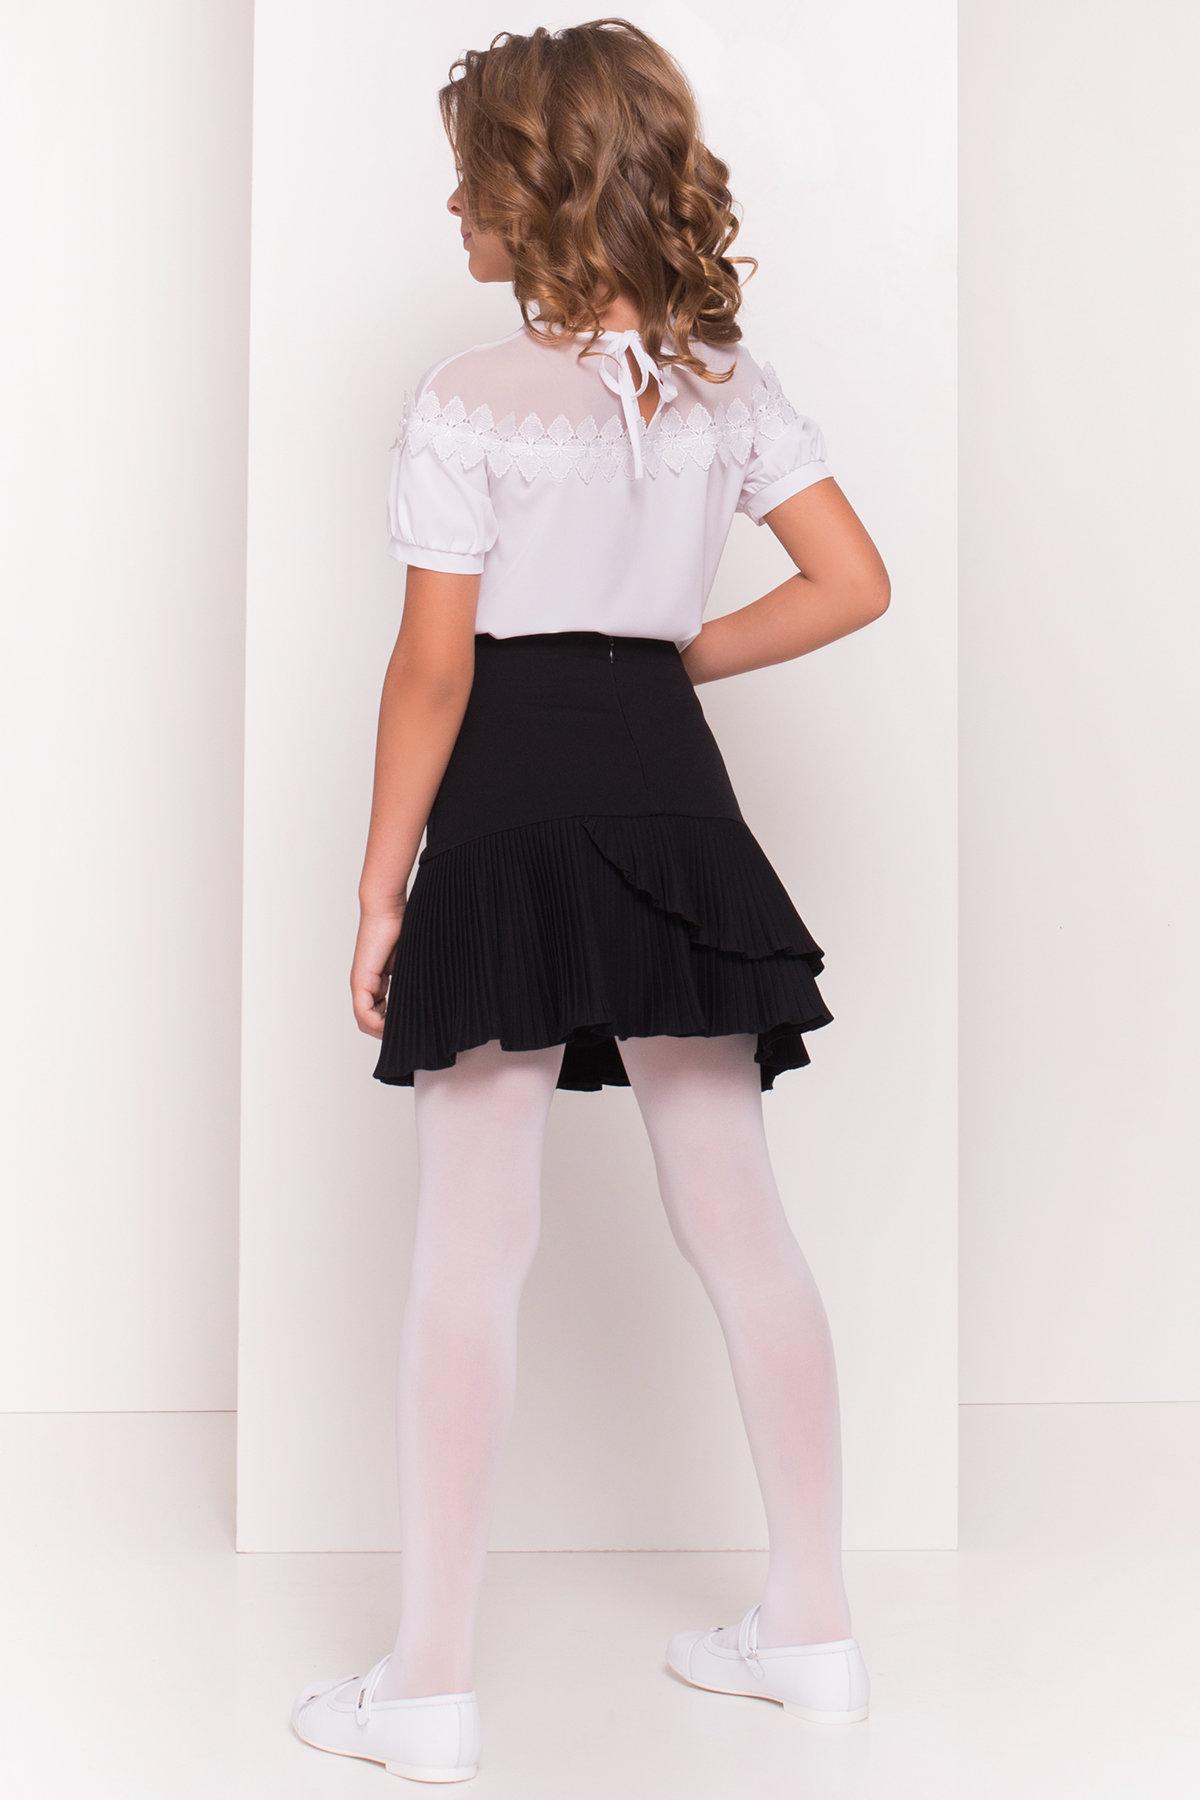 Блуза детская Герда 5197 АРТ. 36284 Цвет: Белый - фото 3, интернет магазин tm-modus.ru